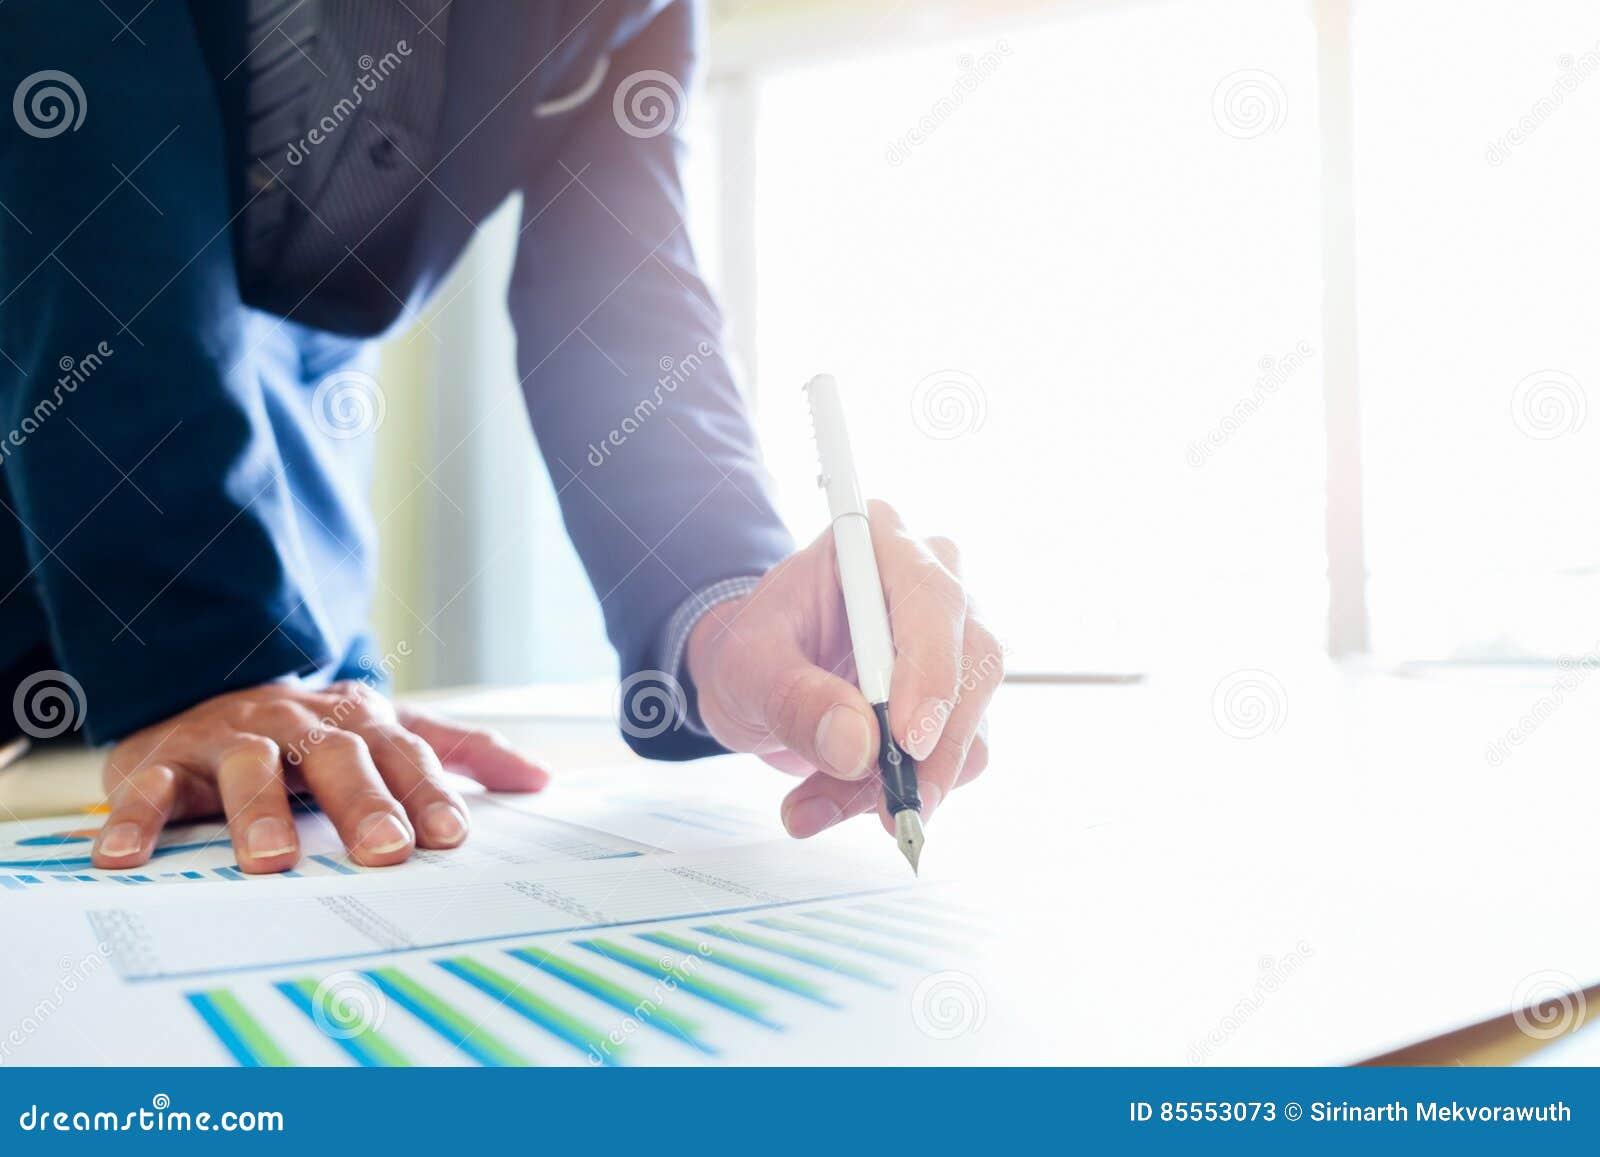 Geschäftsmann analysieren Geschäftsmarketing-Daten